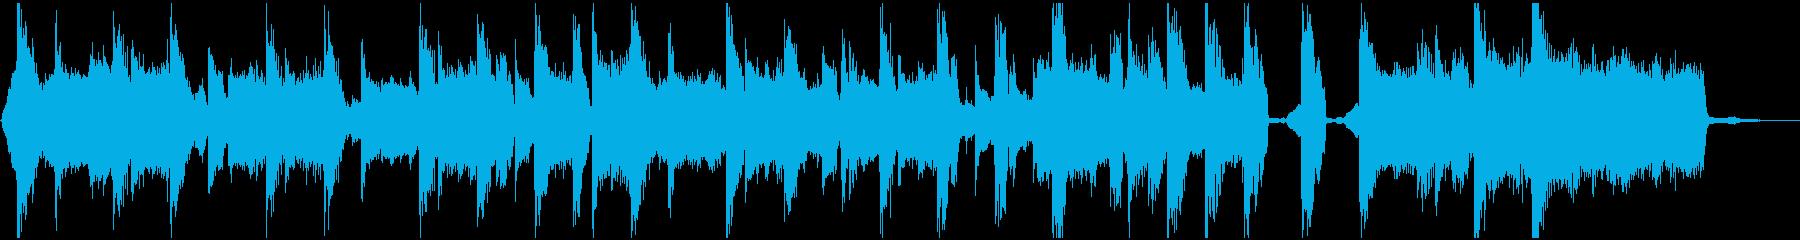 ポップでノリの良い15秒のエレクトロ楽曲の再生済みの波形